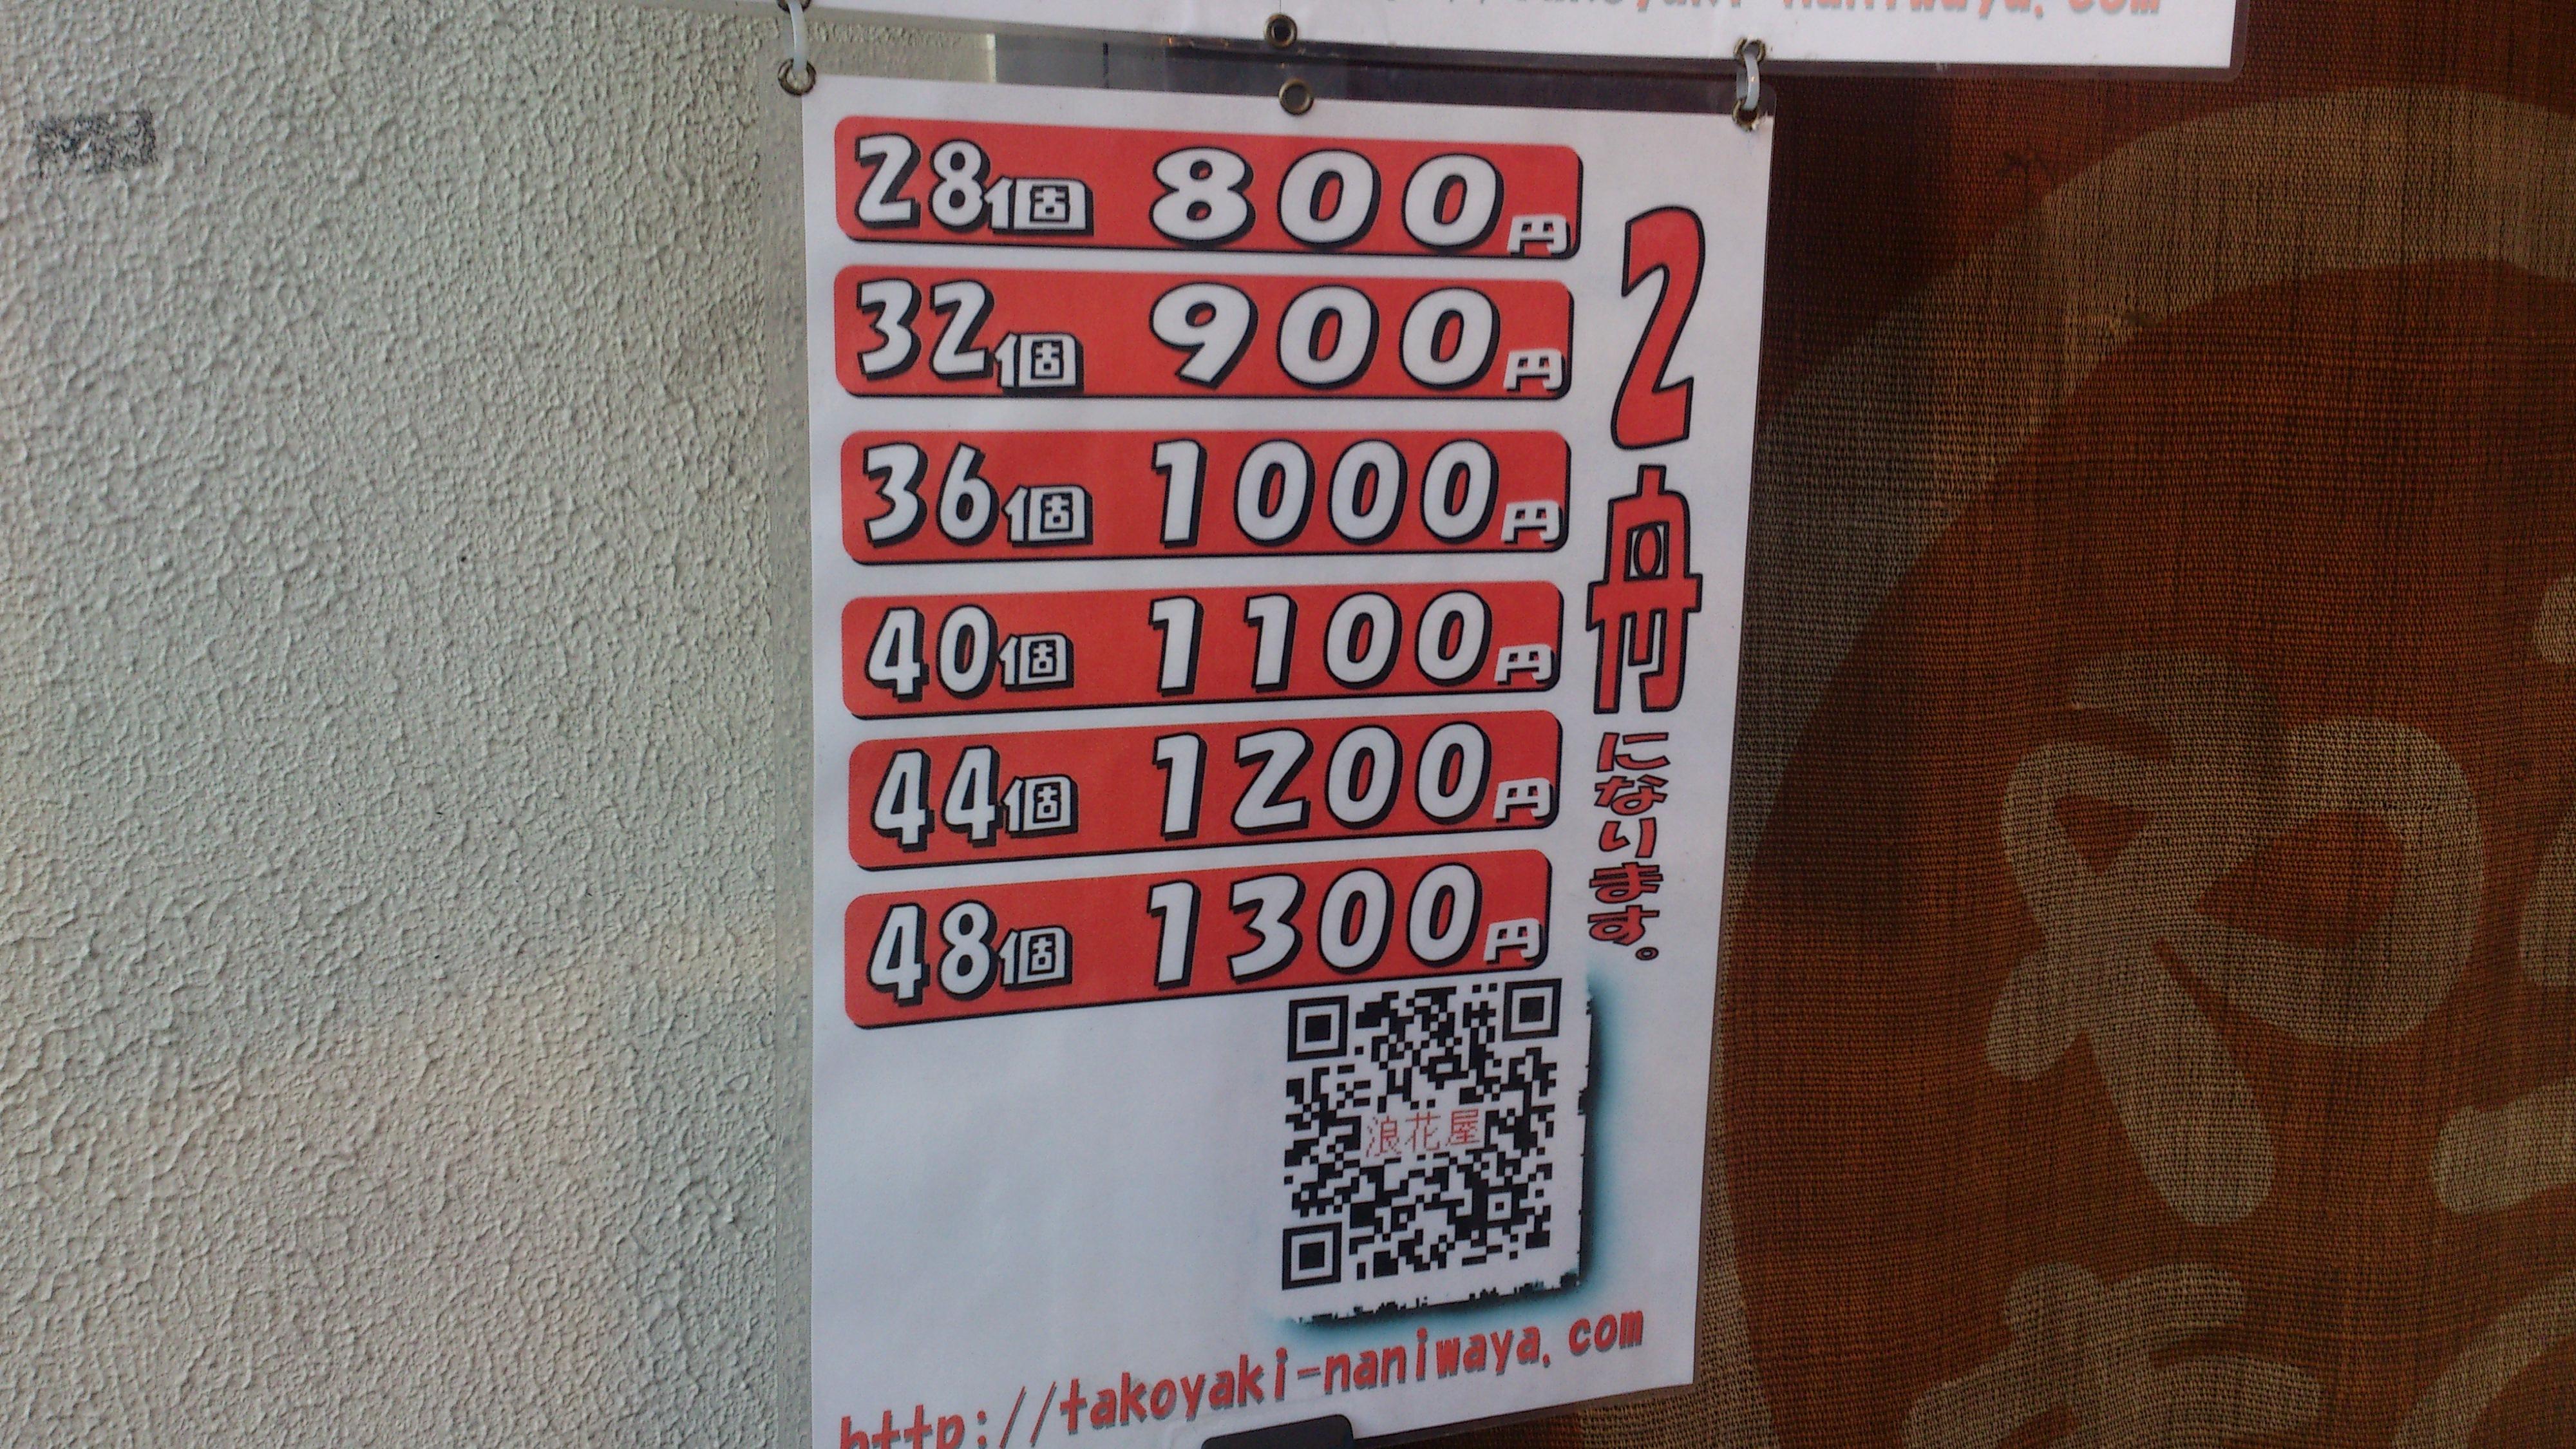 価格表2「浪花屋」